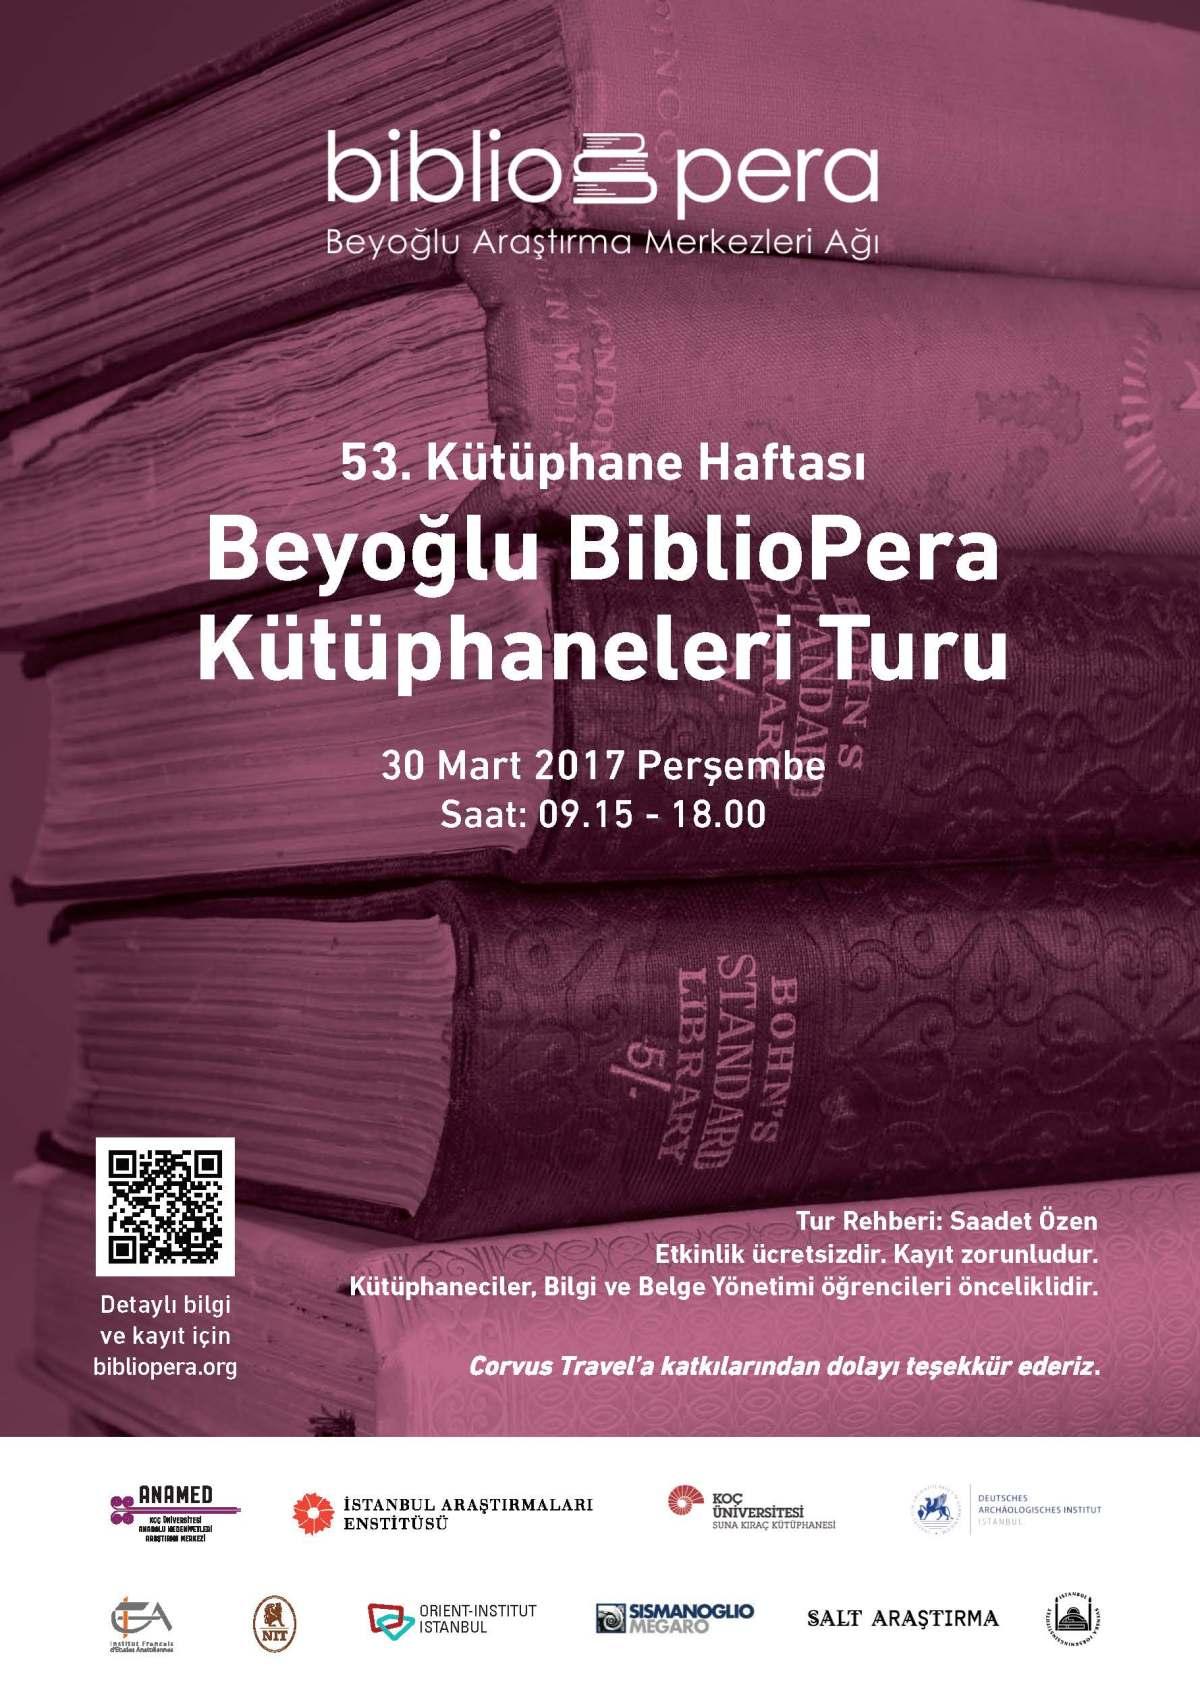 Beyoğlu BiblioPera KütüphaneleriTuru